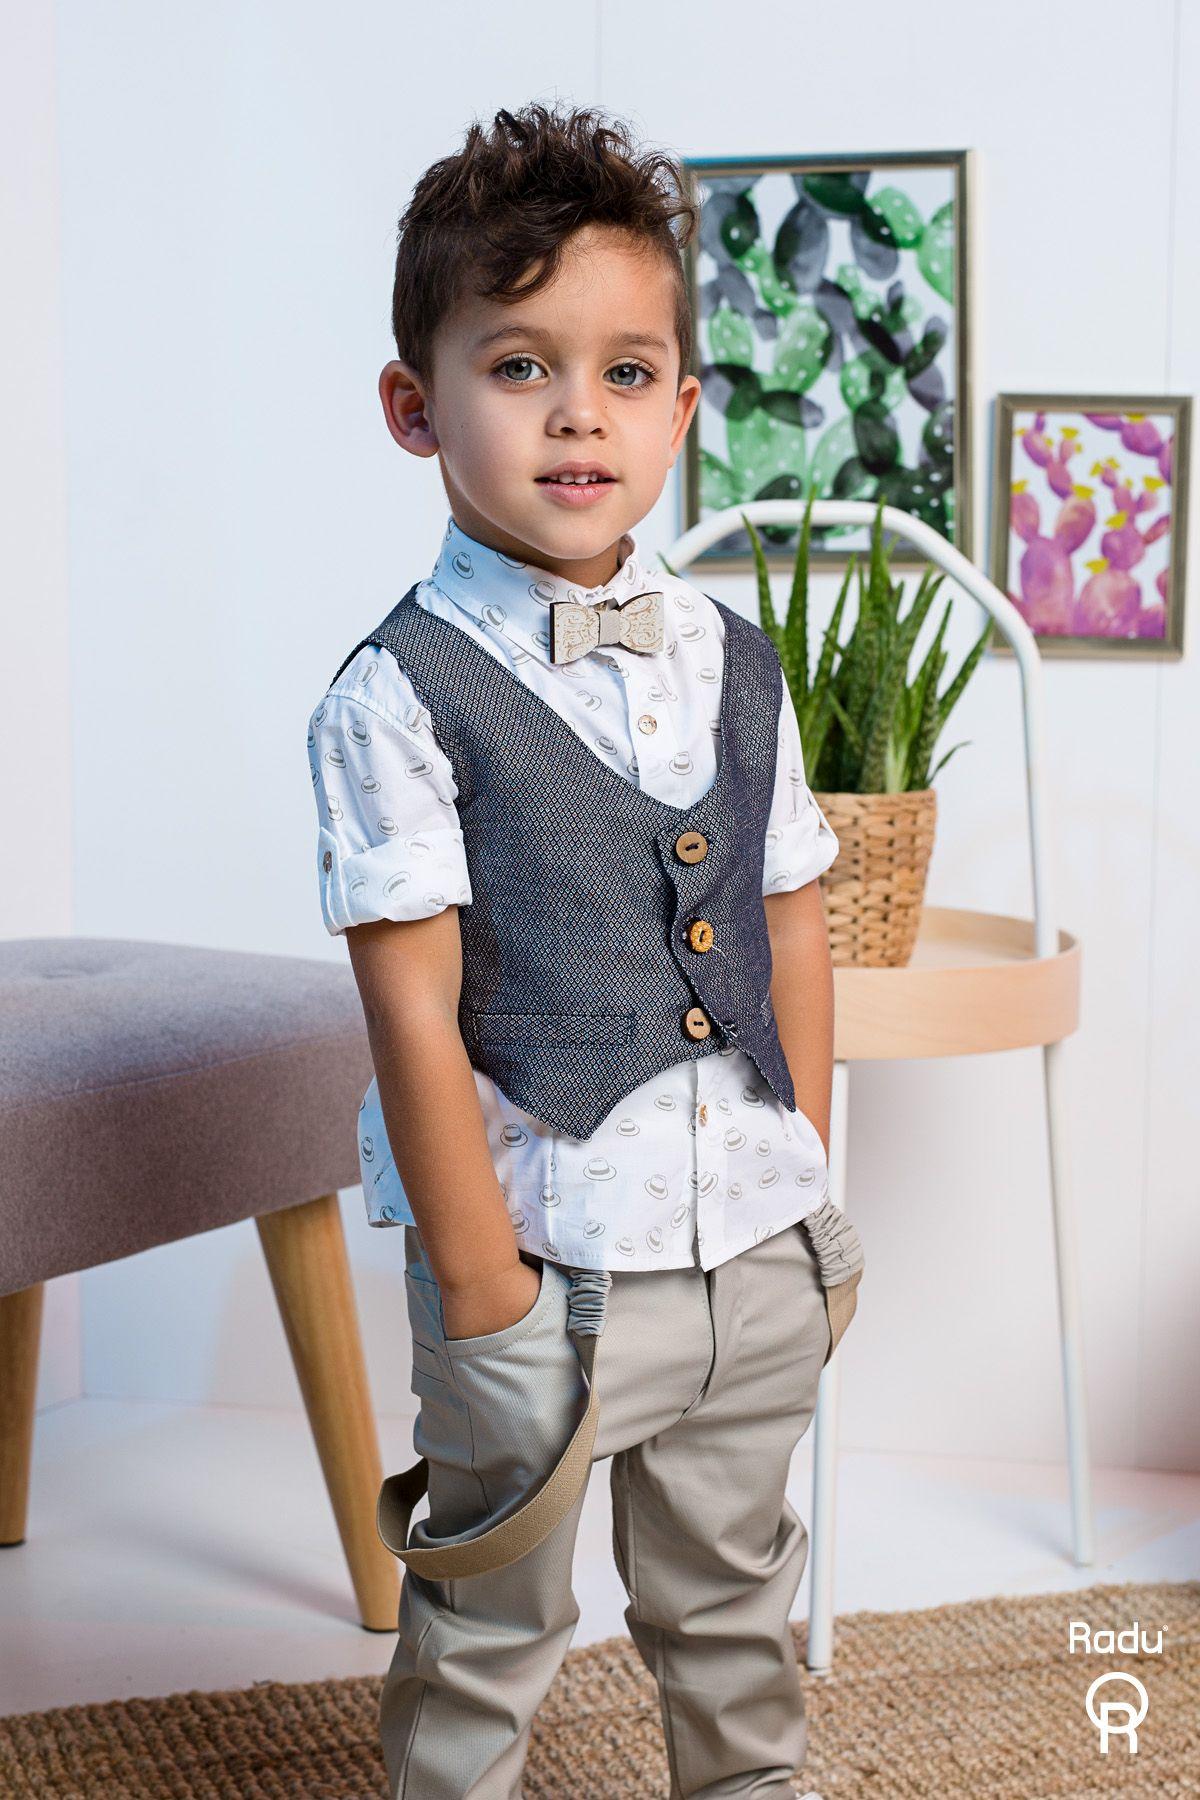 Βαπτιστικό σύνολο αγόρι με γκρι παντελόνι και καφέ καπελάκια